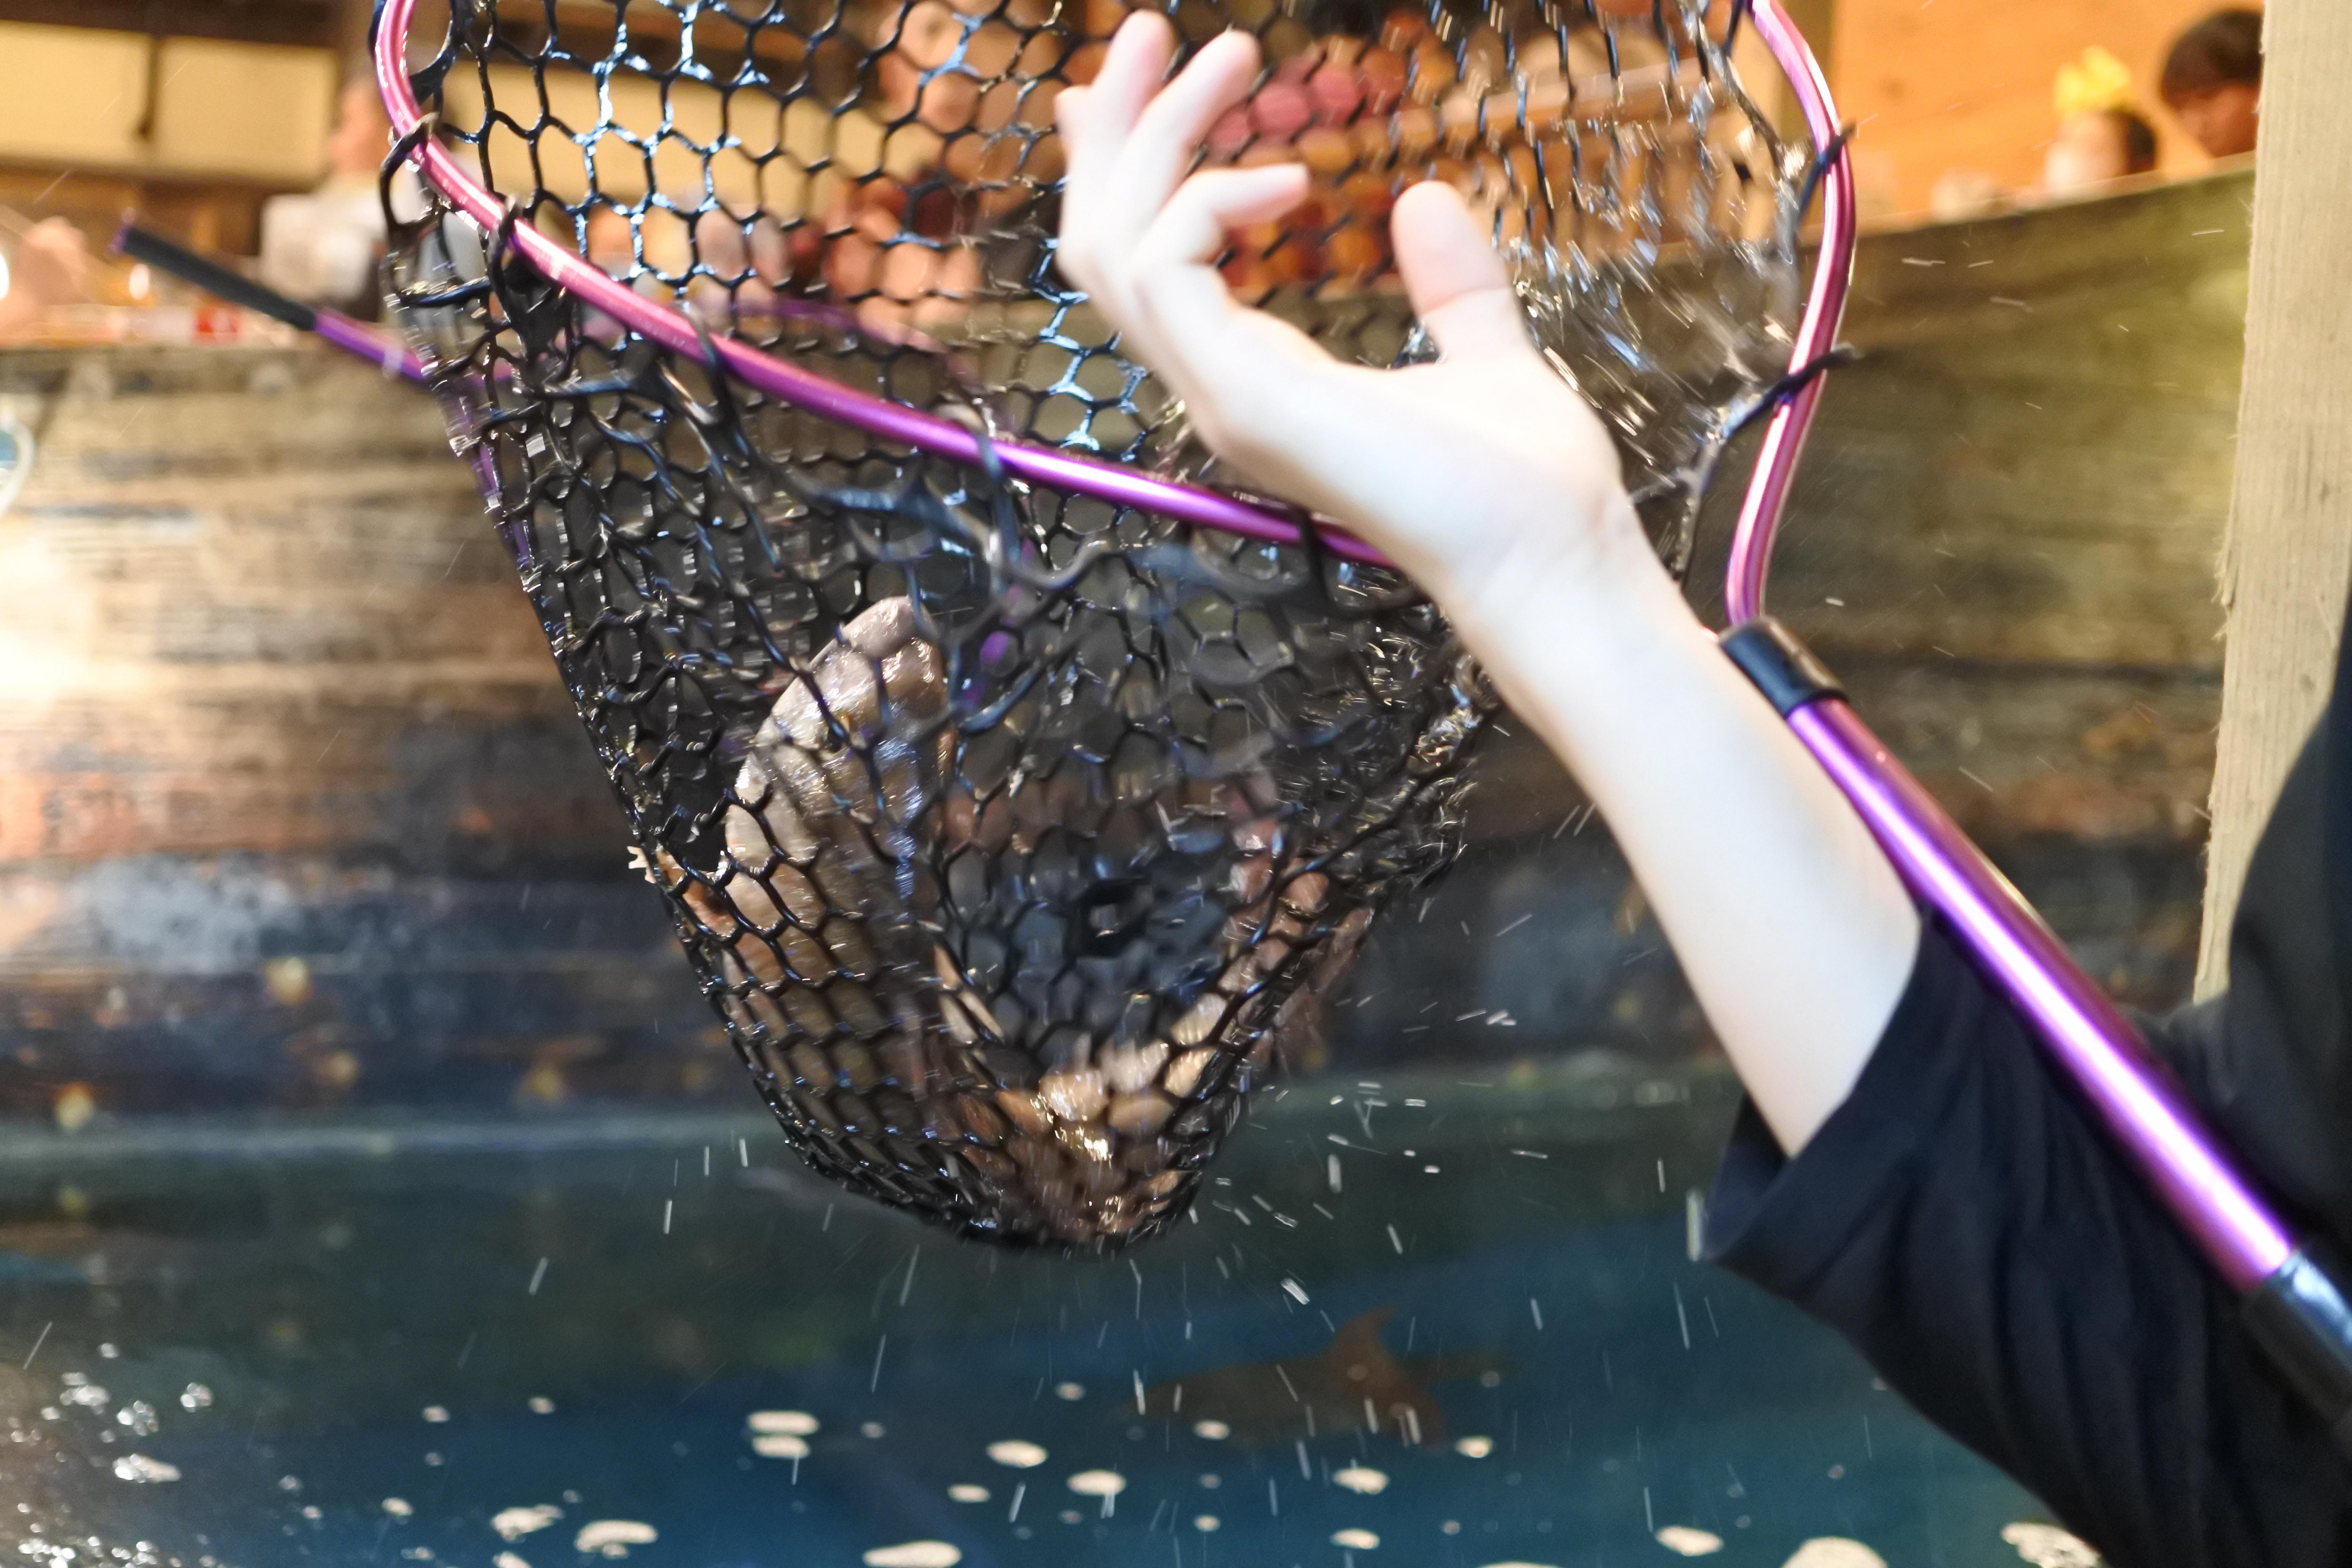 自分で釣った魚が食べられる!『釣船茶屋 ざうお小牧店』で釣り体験をしてきた - DSC 1121